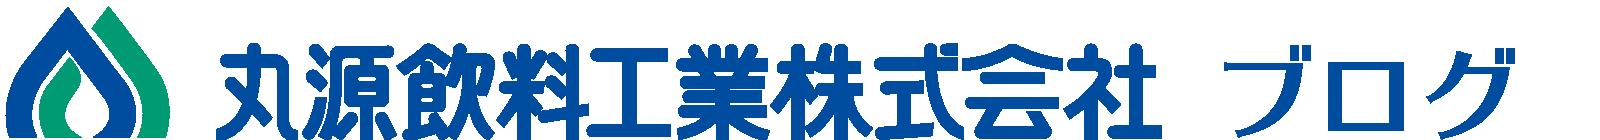 丸源飲料工業株式会社